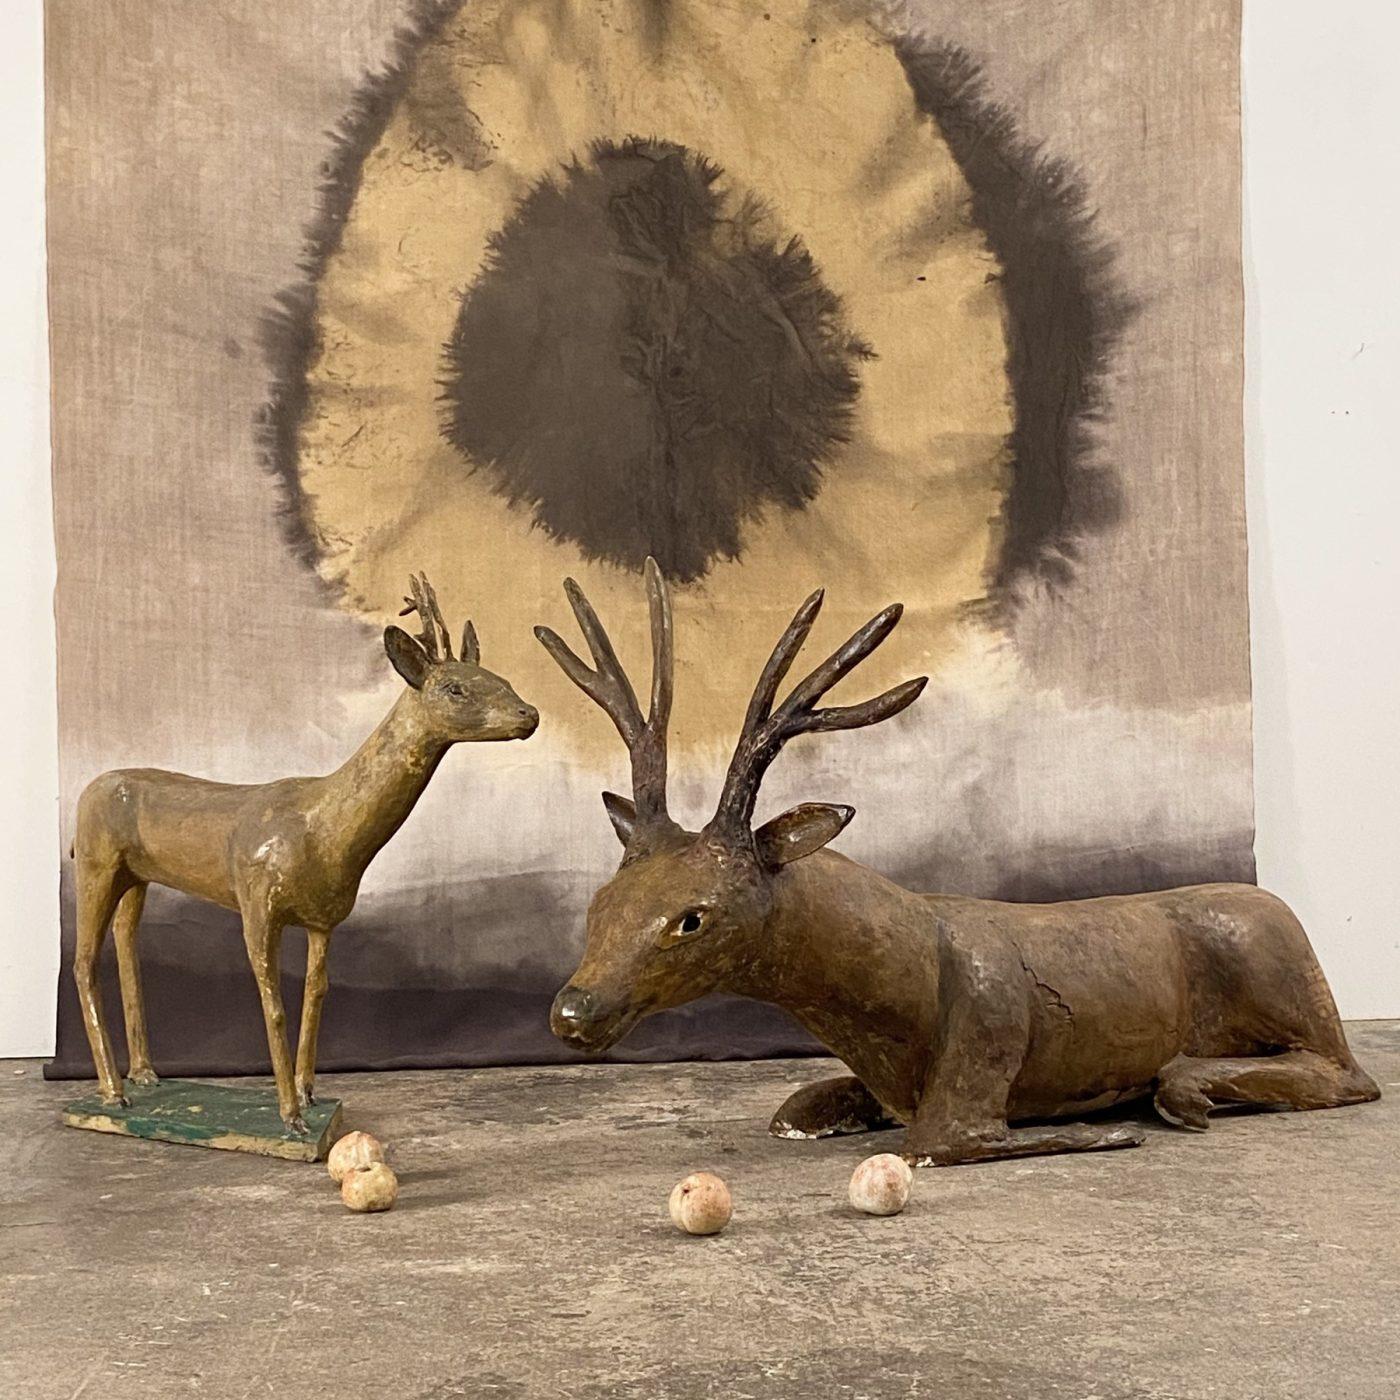 objet-vagabond-concrete-sculpture0009